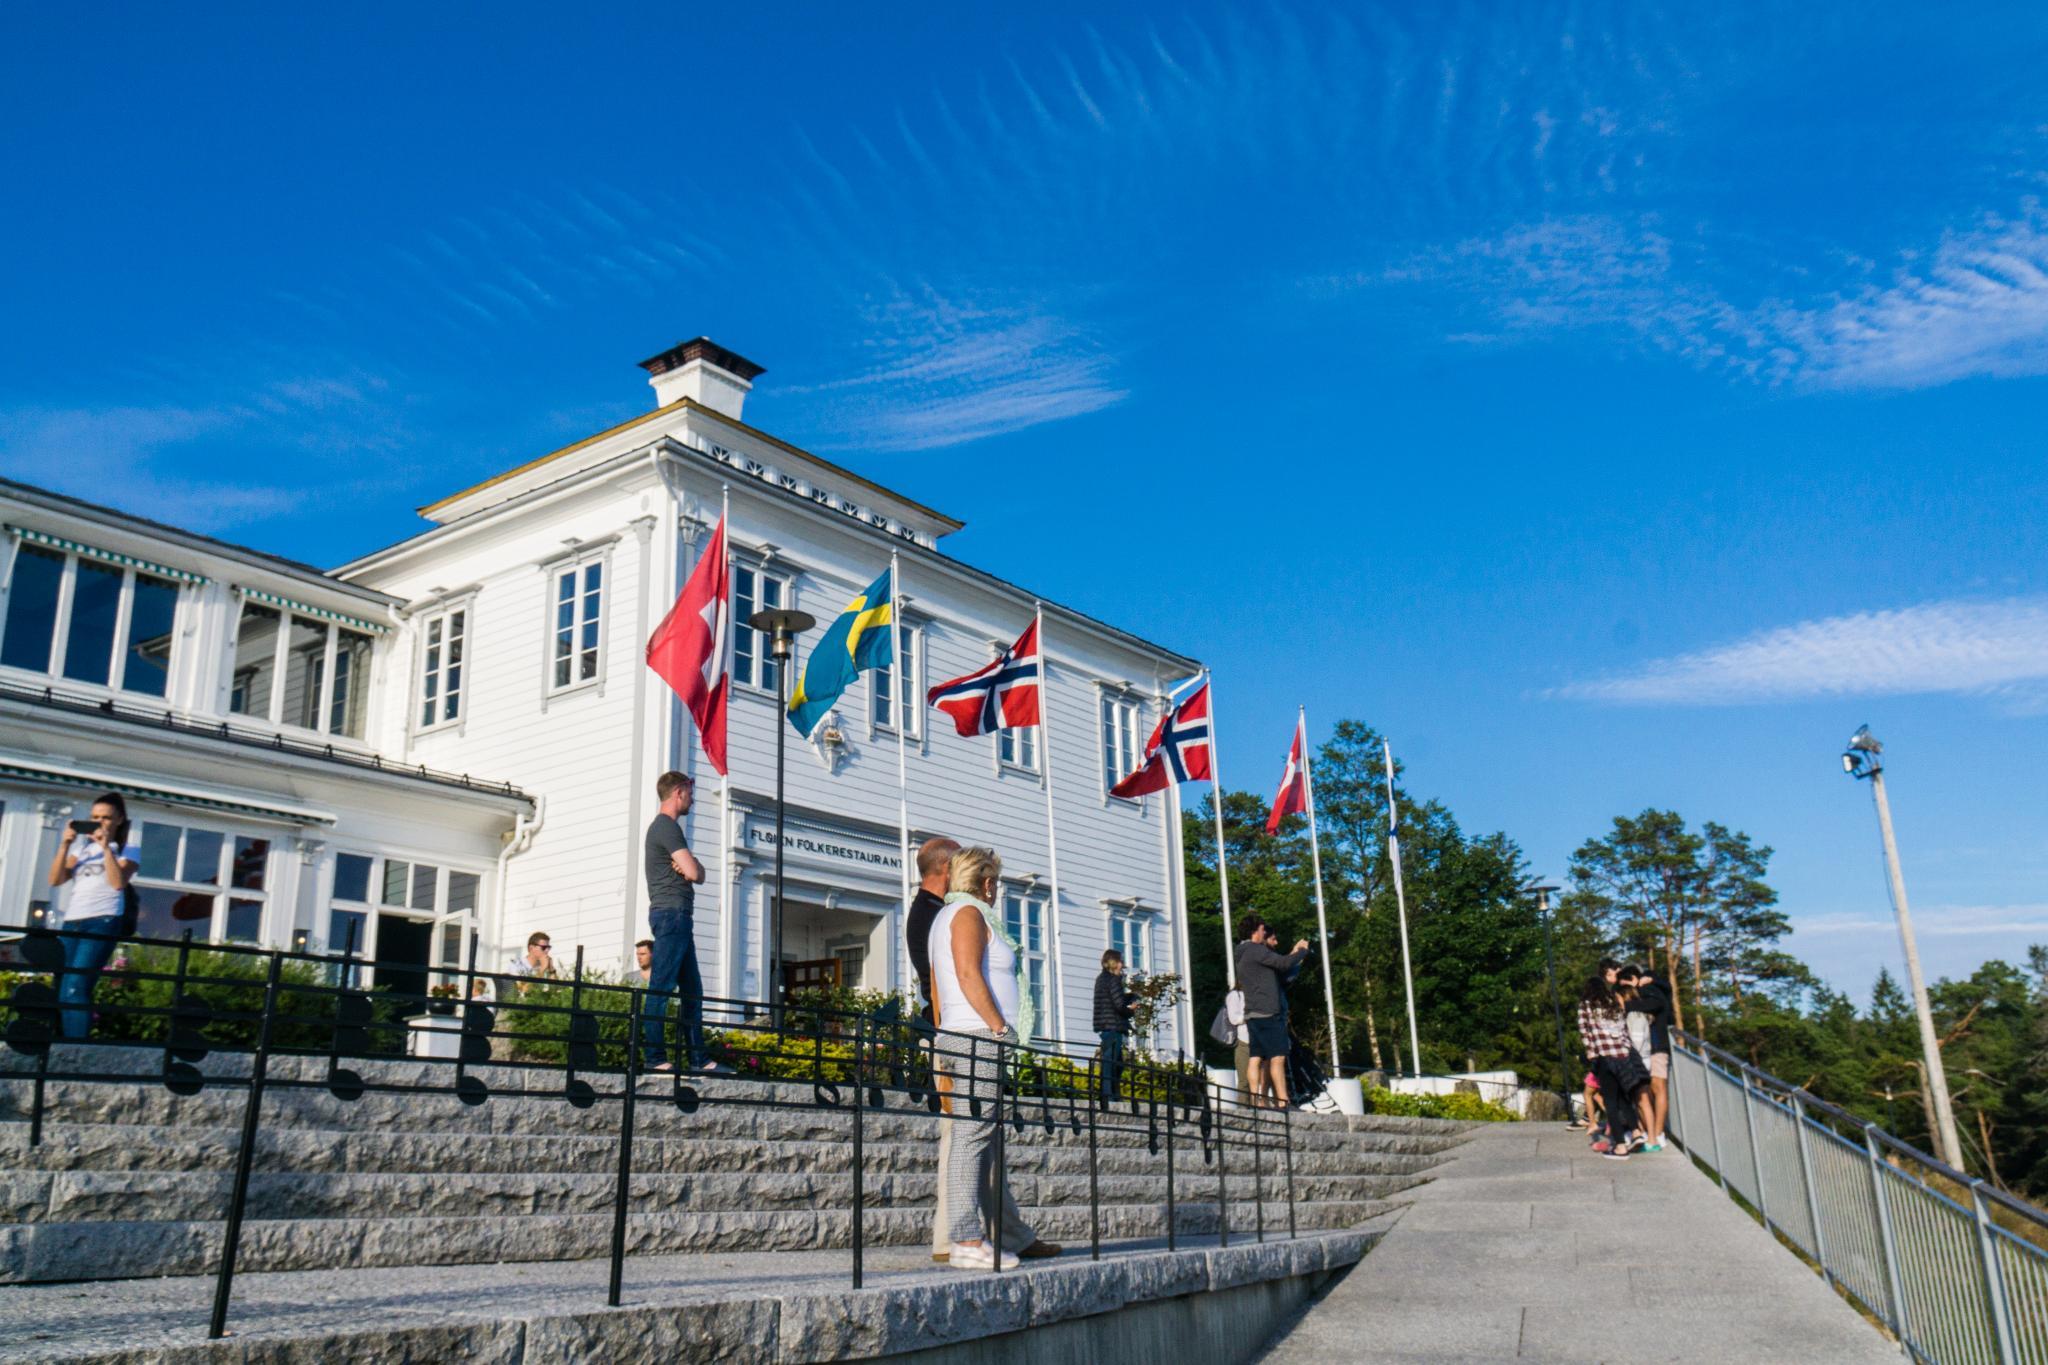 【卑爾根】Fløyen 佛洛伊恩山纜車與觀景台 — 擁抱文化港都的百萬美景 89